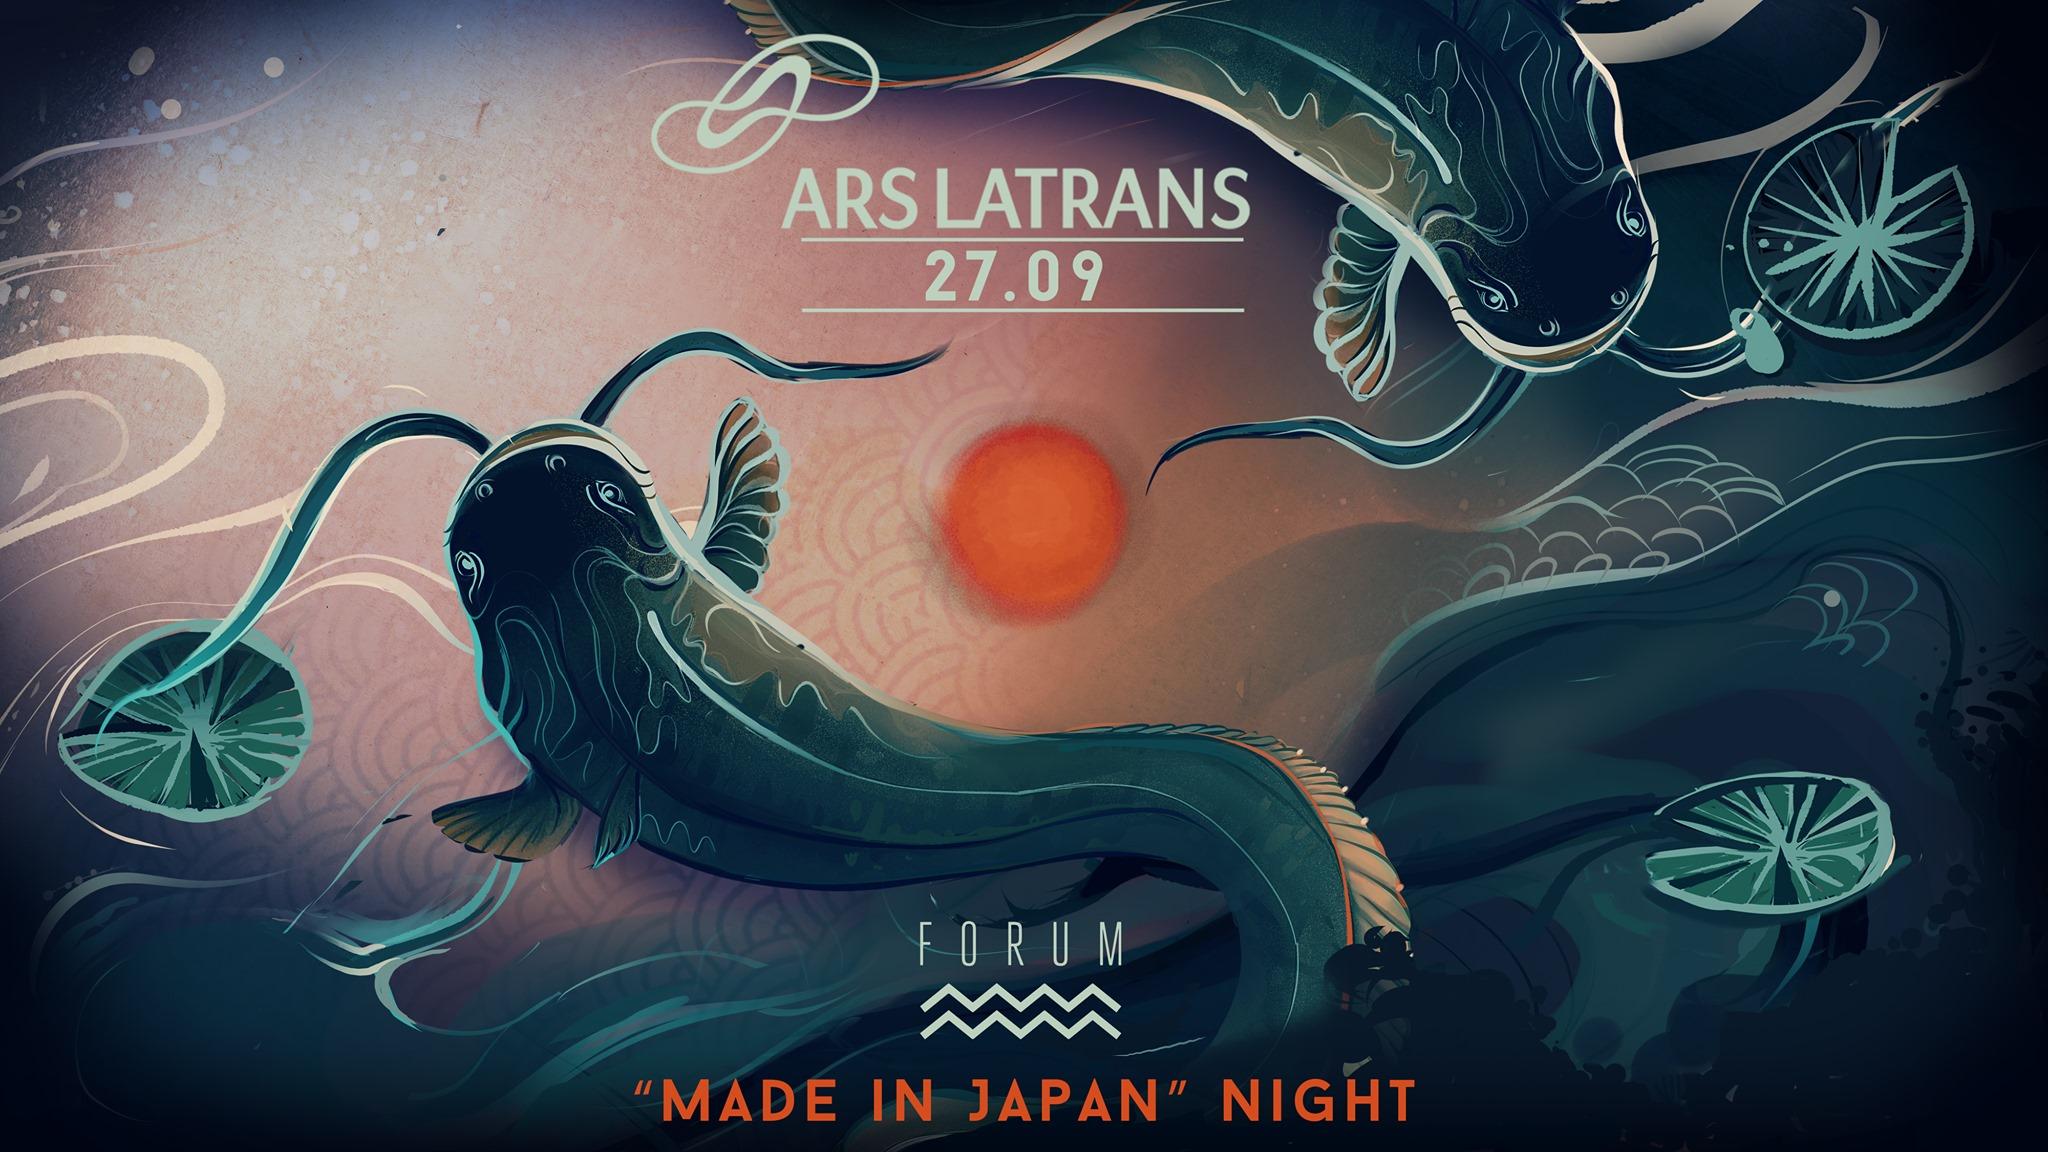 ARS LATRANS Festival: Made in Japan / Afterdark